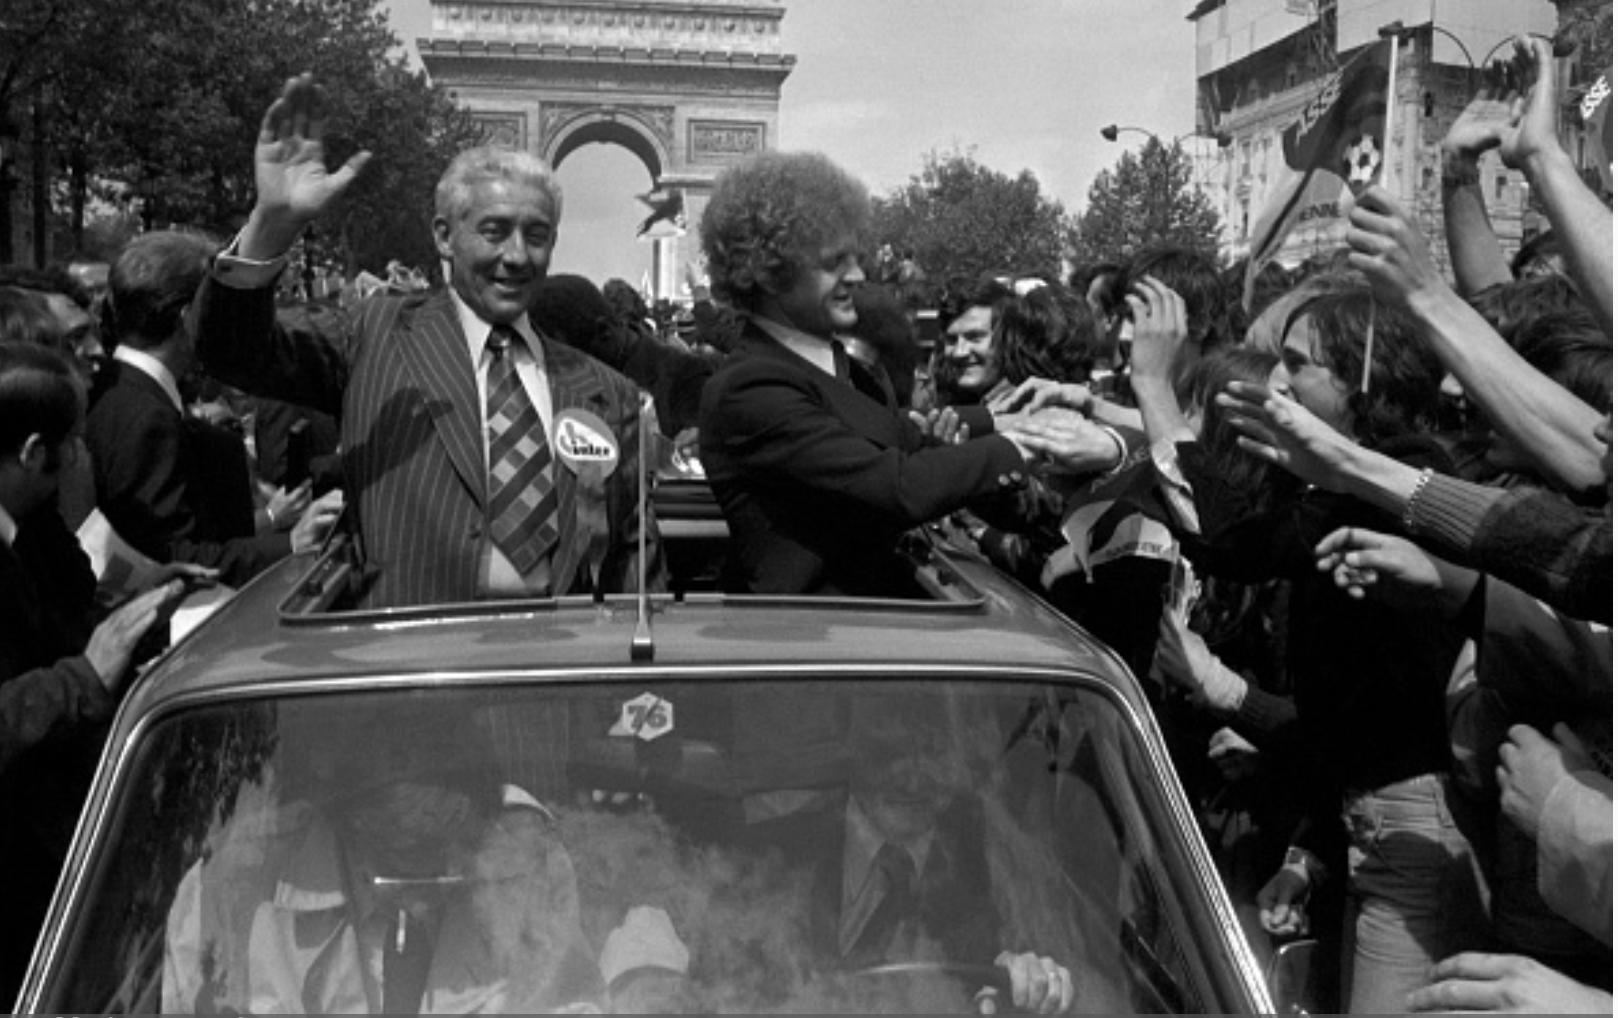 Saint-Etienne défile sur les Champs-Elysées après avoir perdu en finale de la Coupe d'Europe 1976